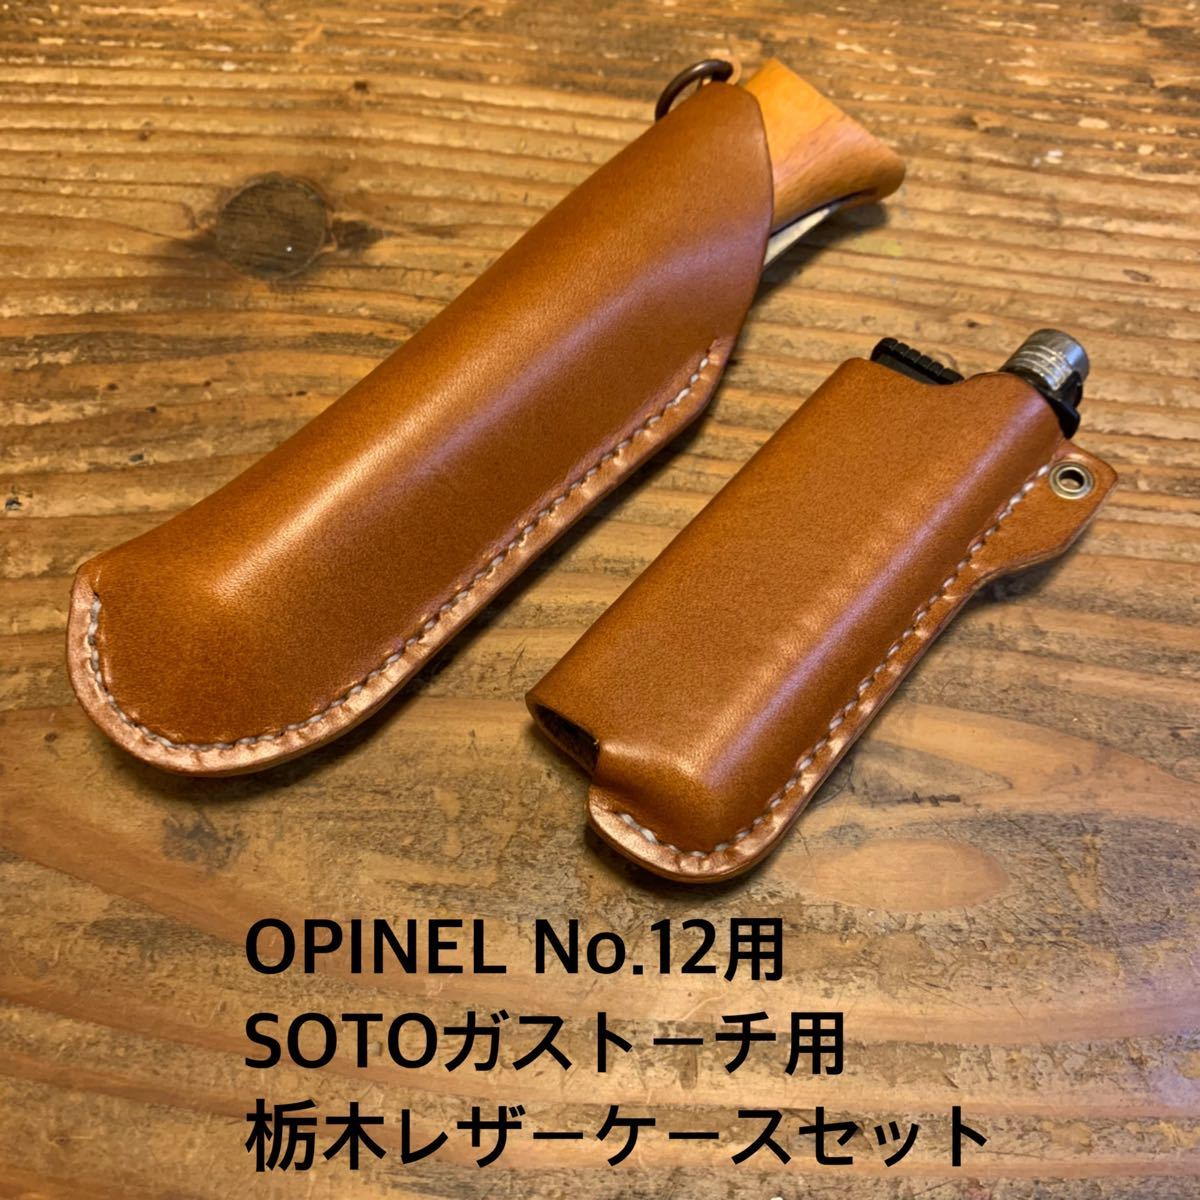 栃木レザー オピネルNo.12ケース、SOTOガストーチケース ブラウン色